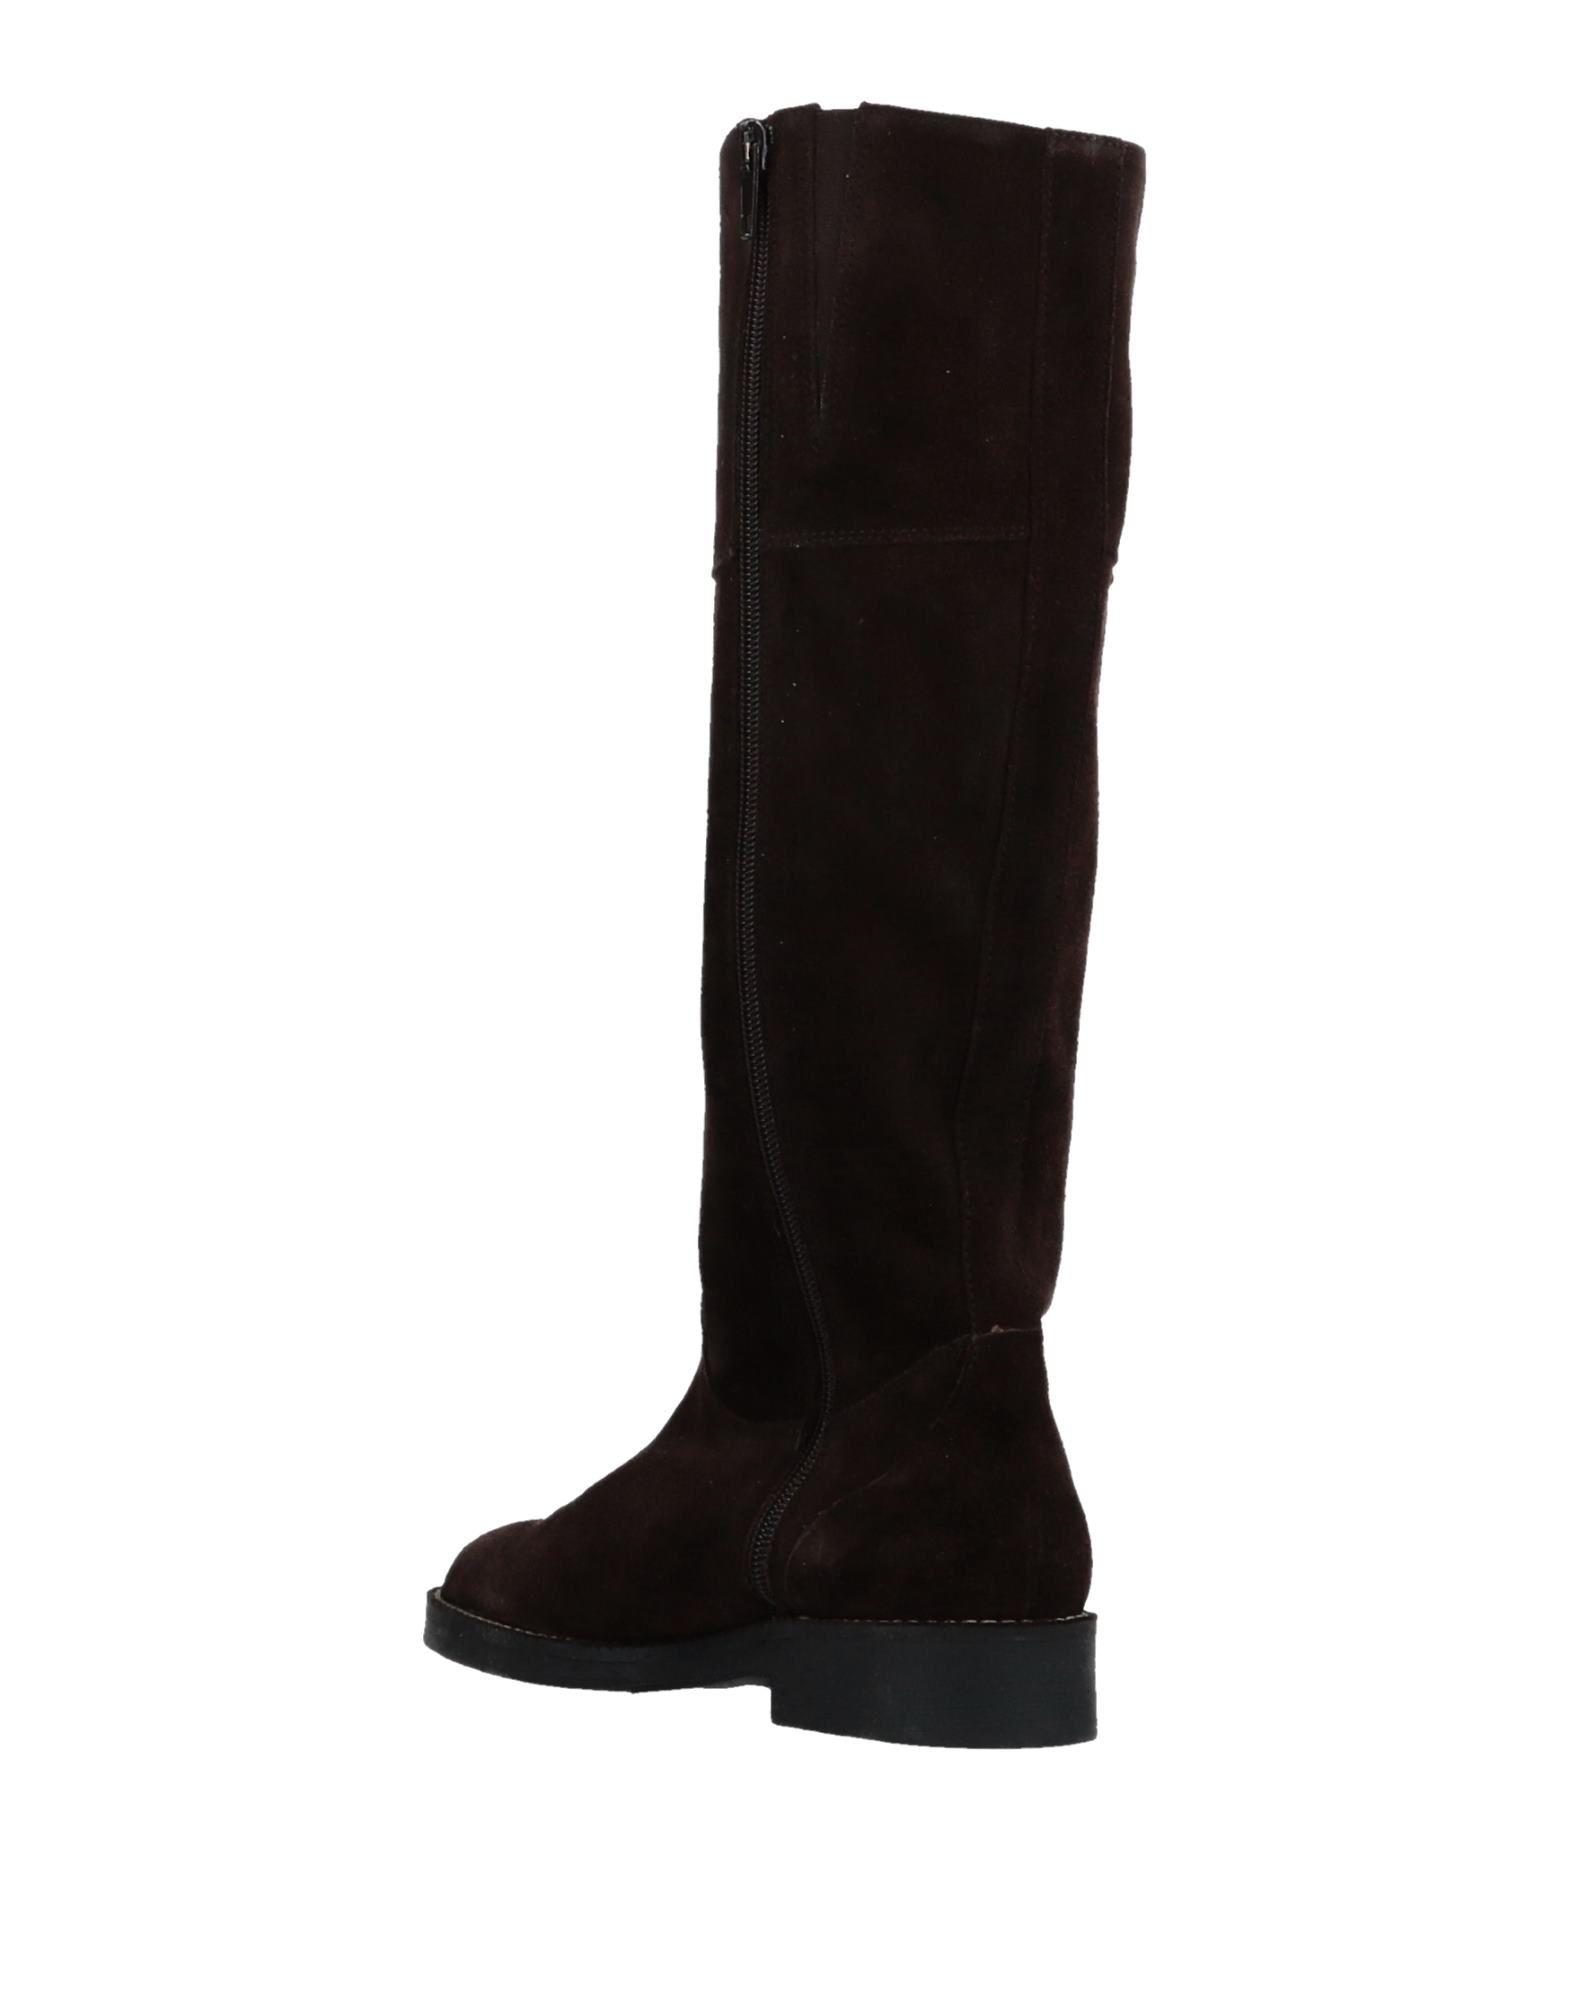 Anderson Stiefel Gute Damen  11510841XS Gute Stiefel Qualität beliebte Schuhe 8b40b1